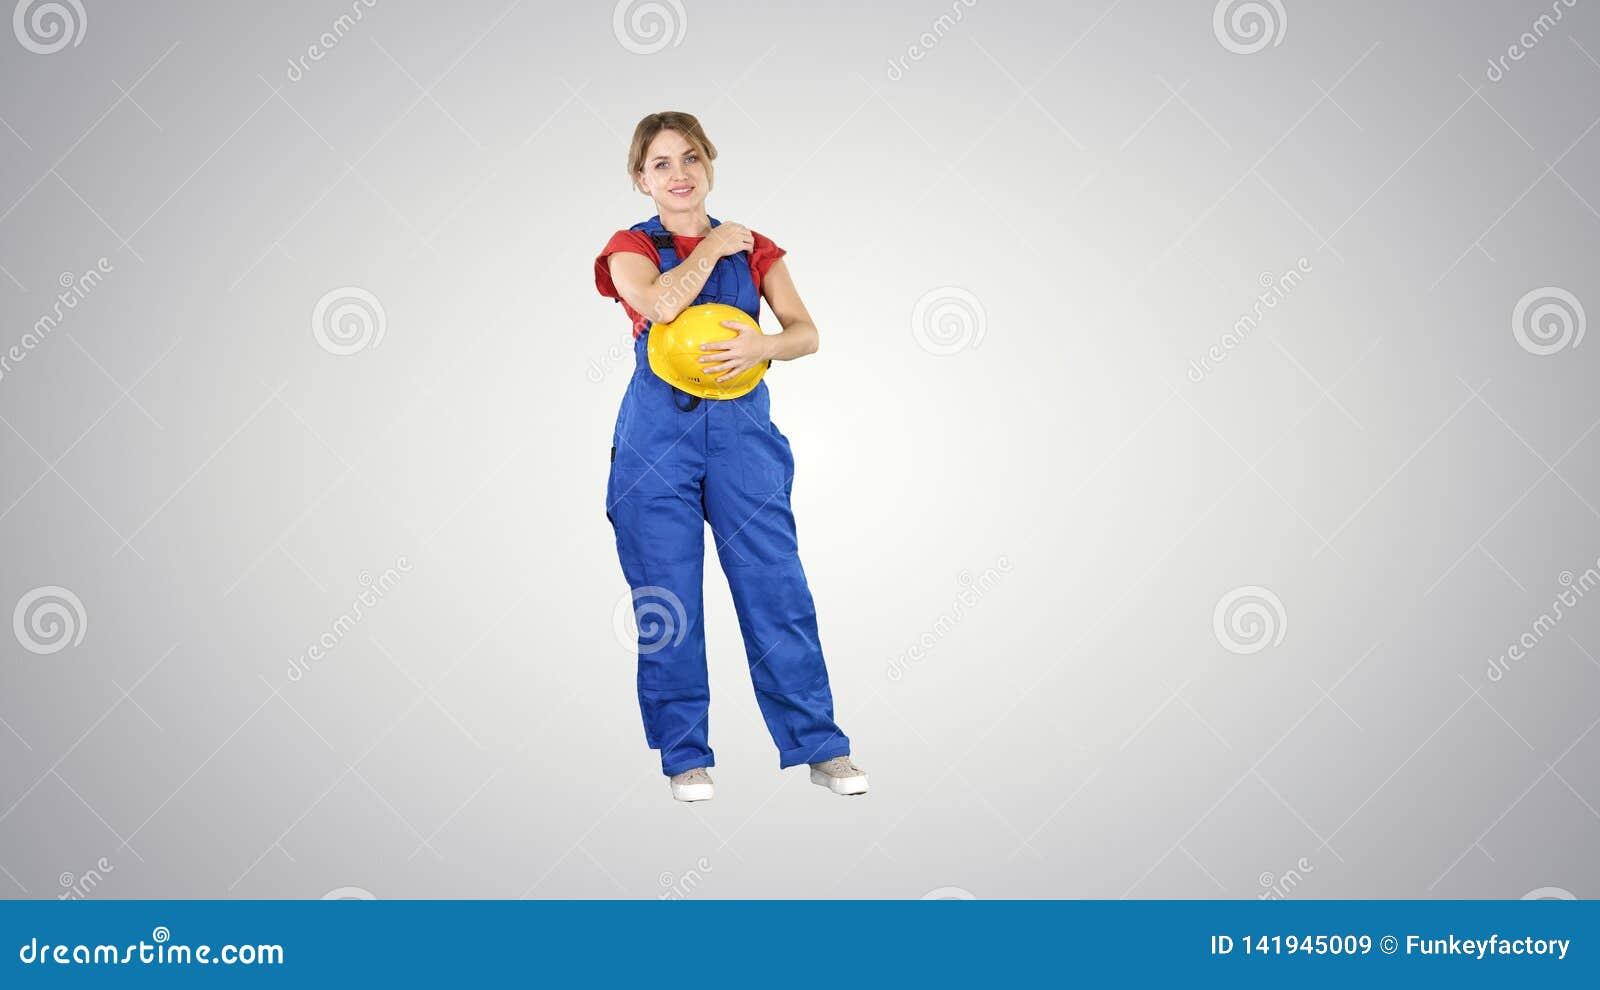 O t-shirt vermelho do desgaste de jovem mulher, com o capacete de segurança amarelo, coordenador que ri no fundo do inclinação